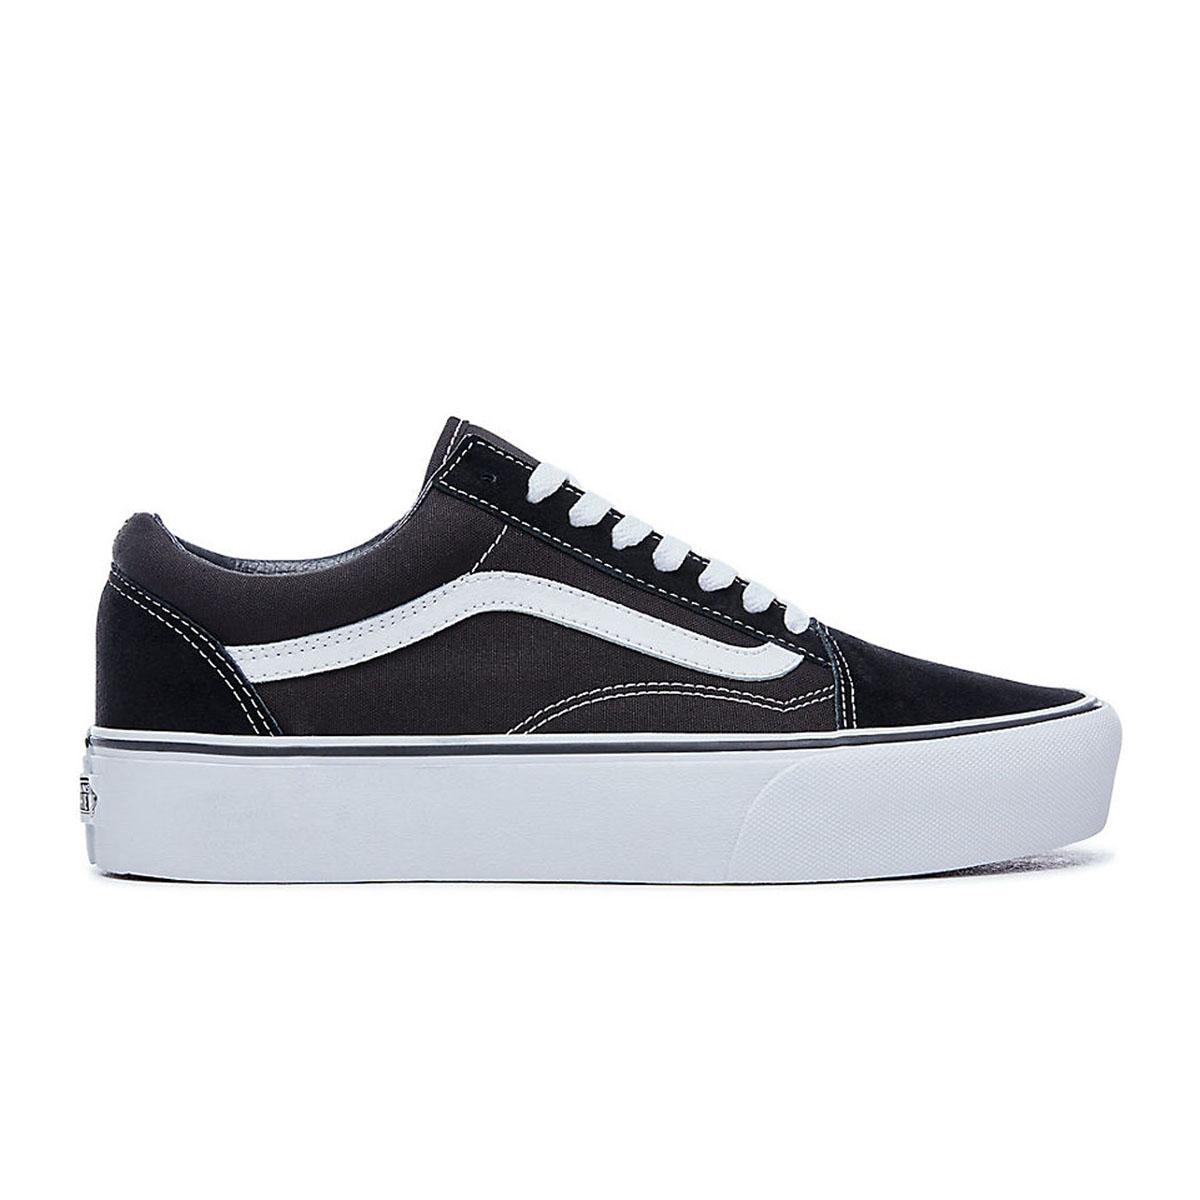 Vans Old Skool shoes grey